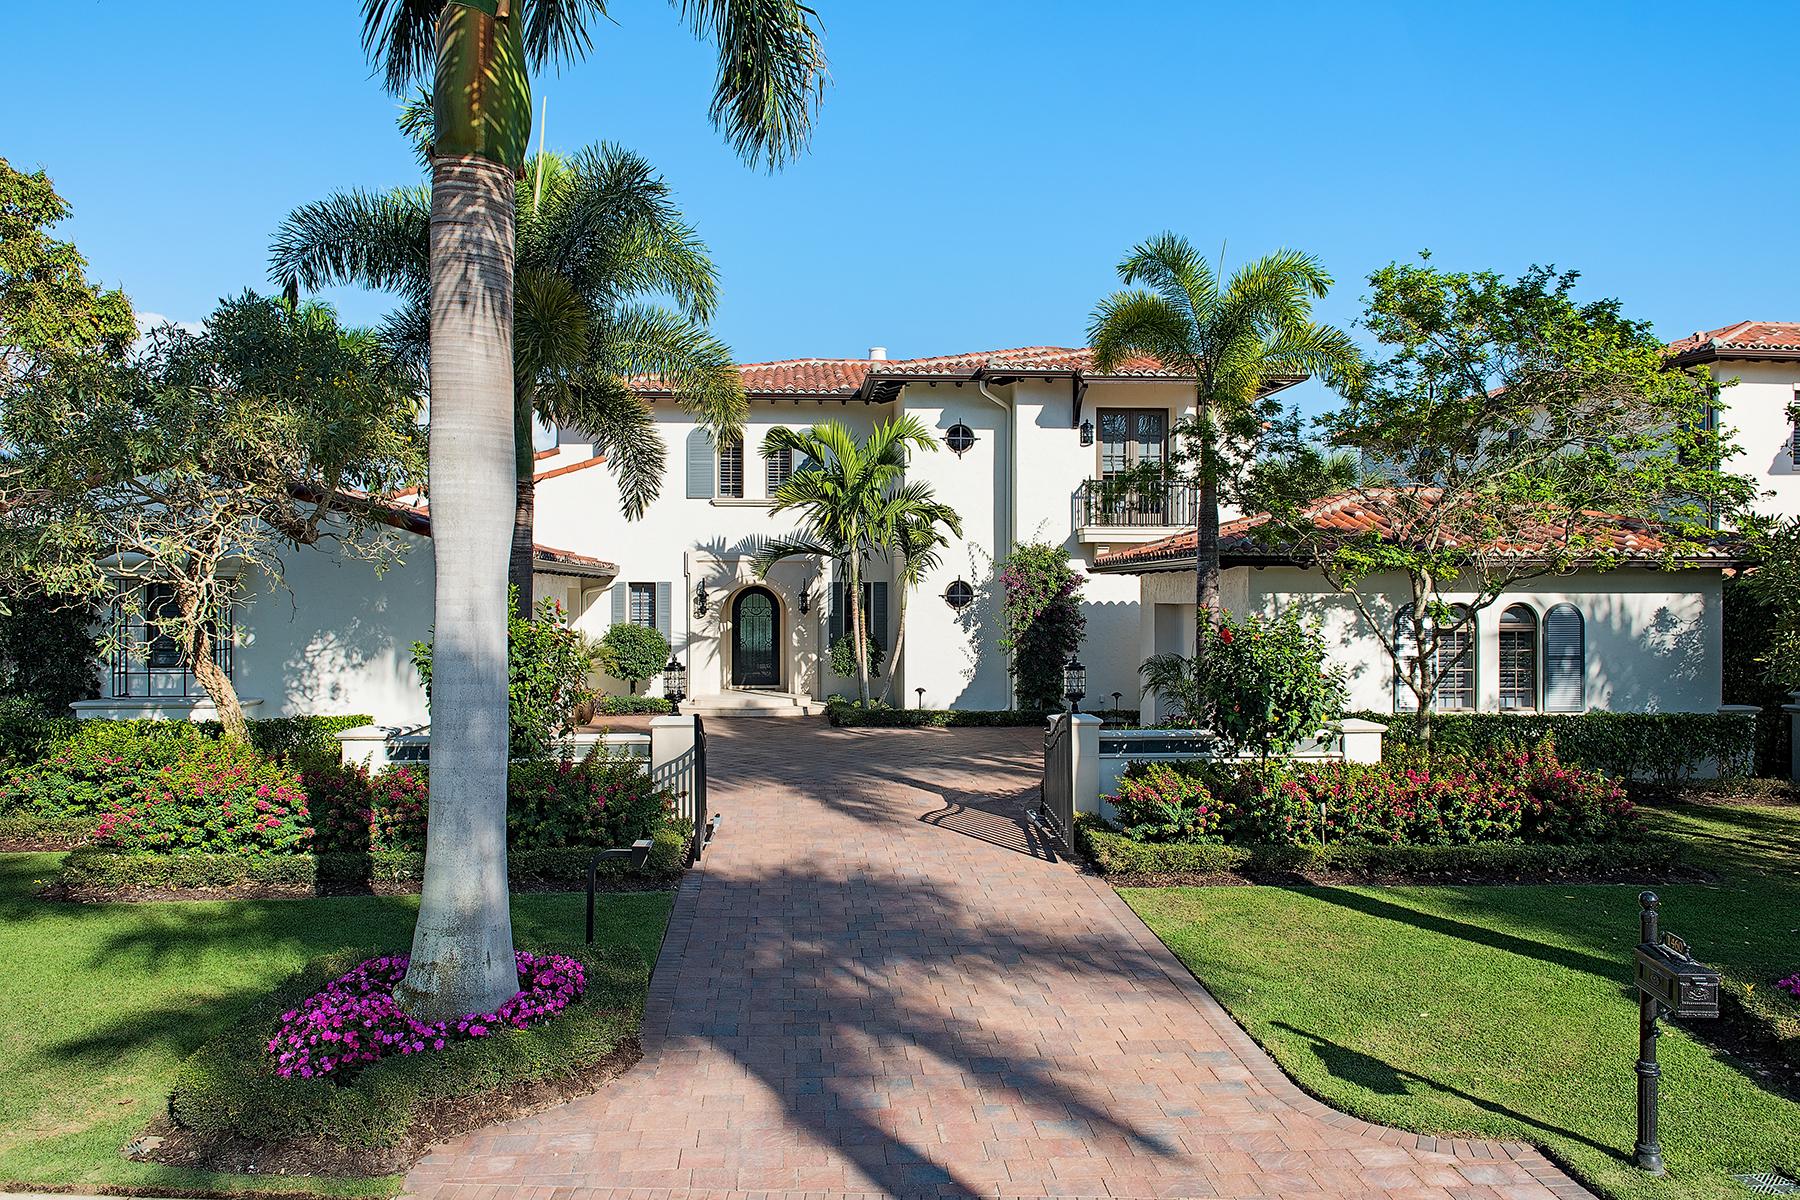 独户住宅 为 销售 在 1460 Anhinga Pt , Naples, FL 34105 1460 Anhinga Pt 那不勒斯, 佛罗里达州, 34105 美国